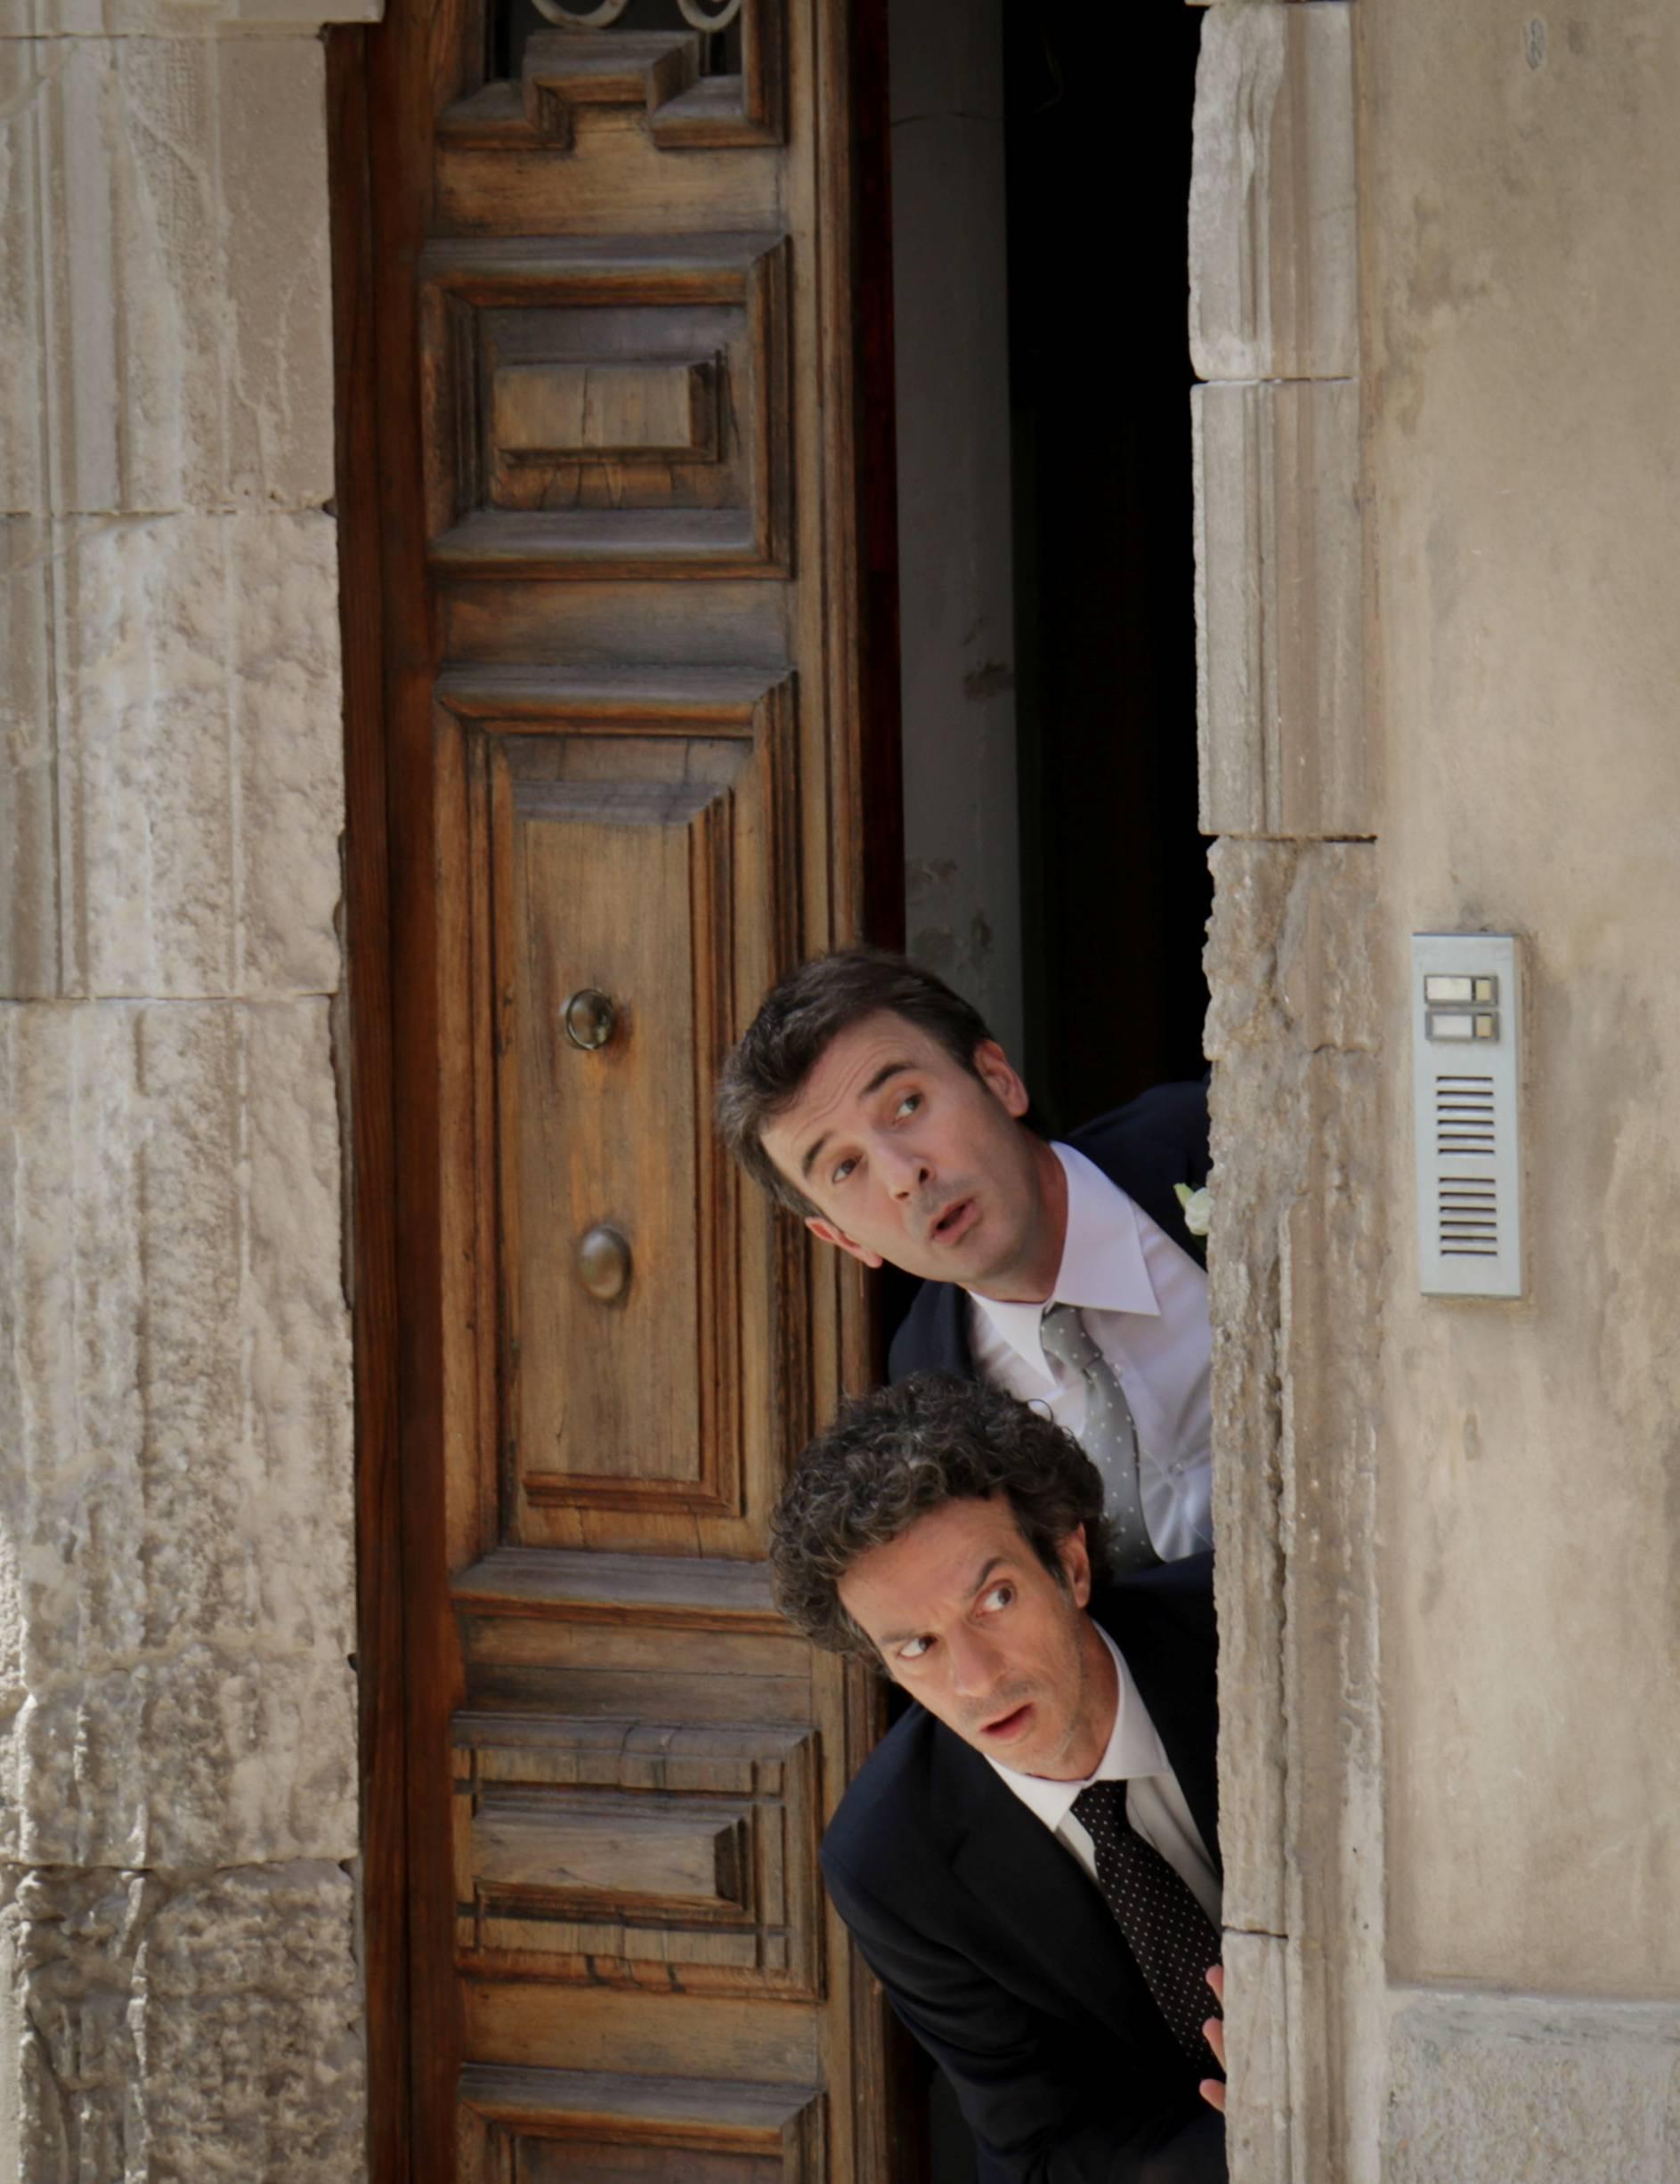 Andiamo a quel paese: Ficarra e Picone in una buffa scena del film